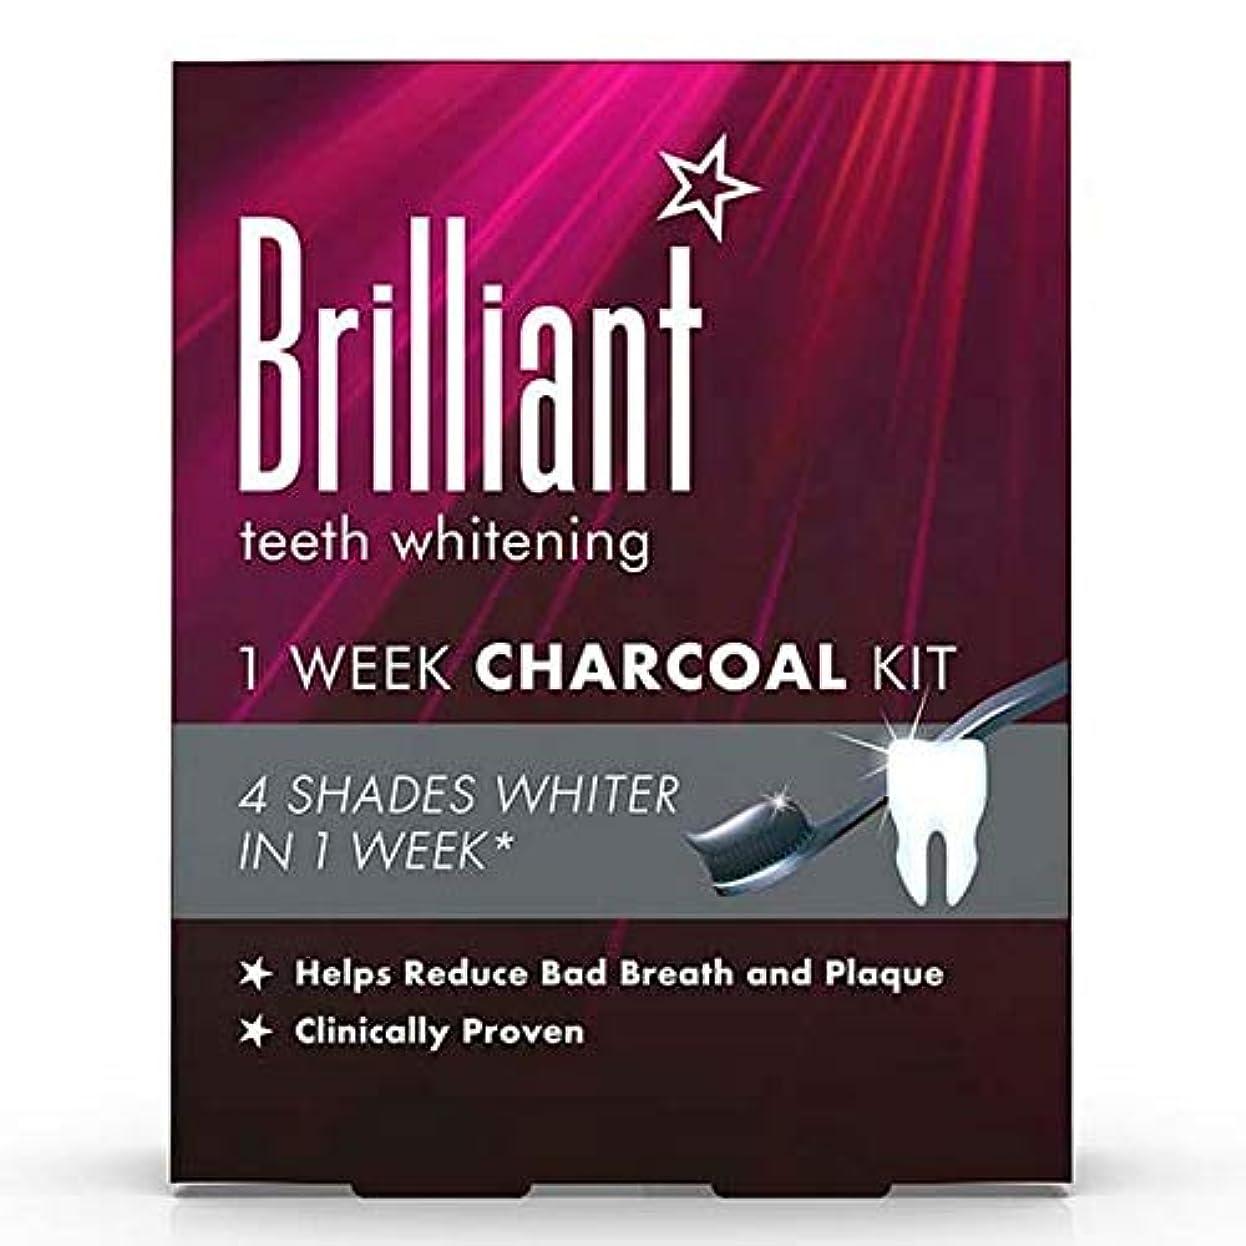 負テレックス銀[Brilliant ] 華麗なホワイトニング1週間木炭キット - Brilliant Whitening 1 Week Charcoal Kit [並行輸入品]